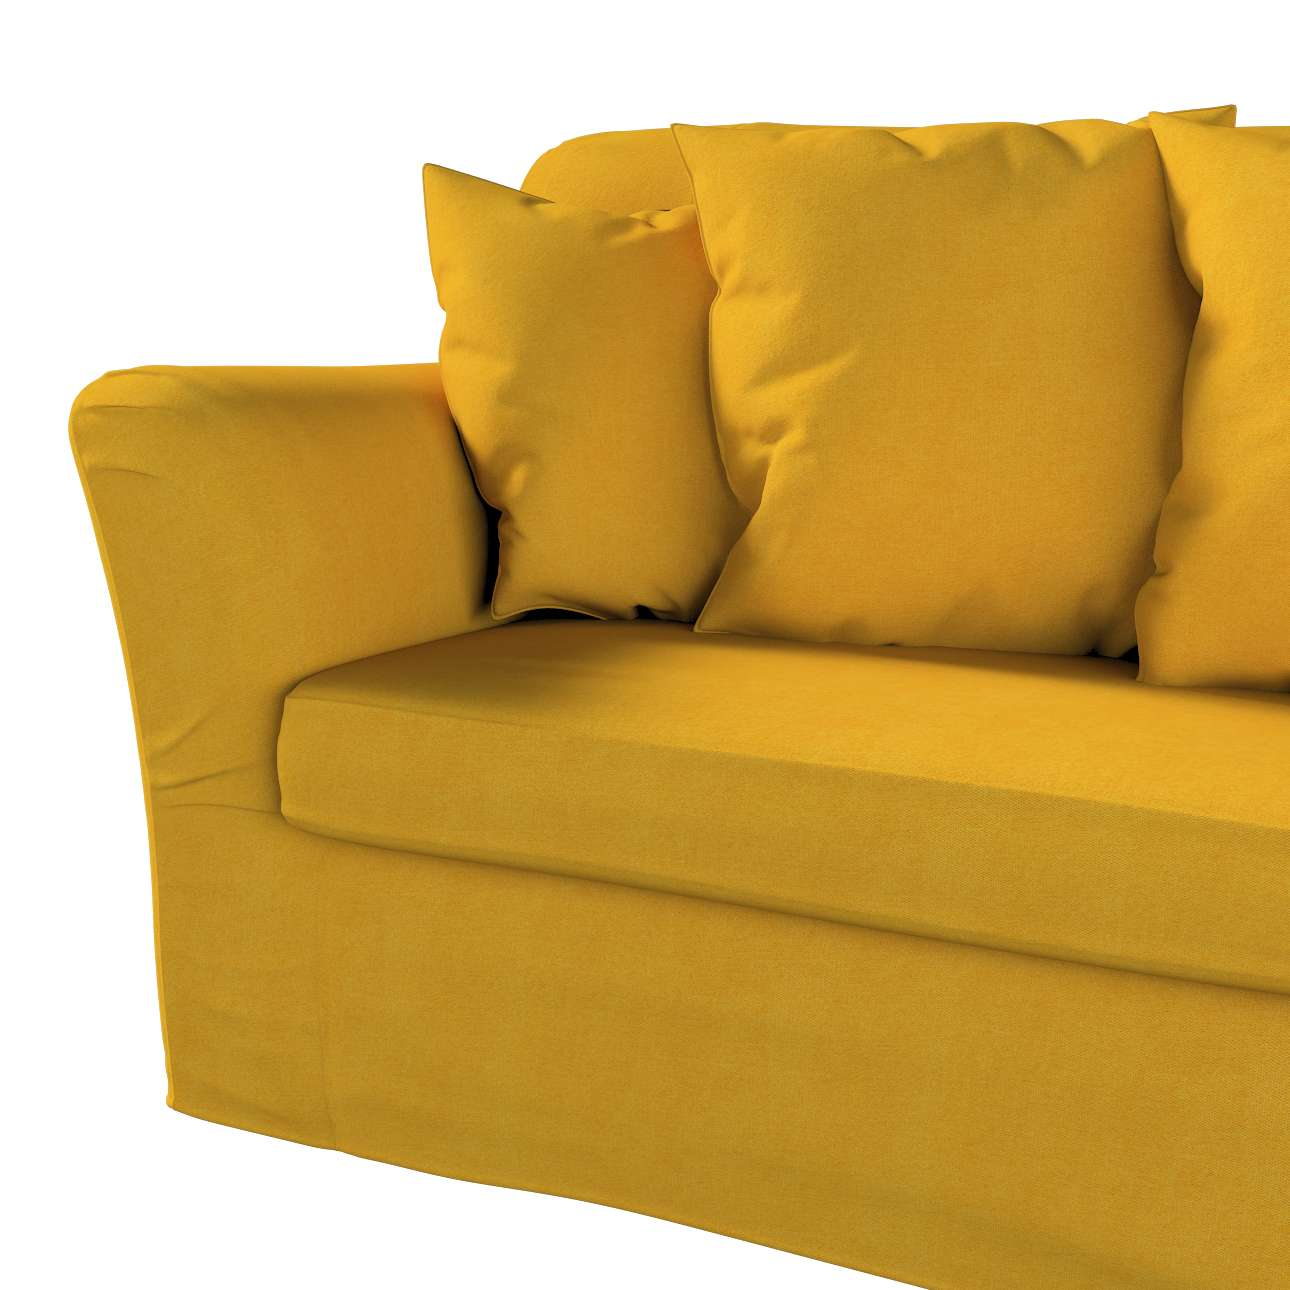 Pokrowiec na sofę Tomelilla 3-osobową rozkładaną w kolekcji Etna, tkanina: 705-04